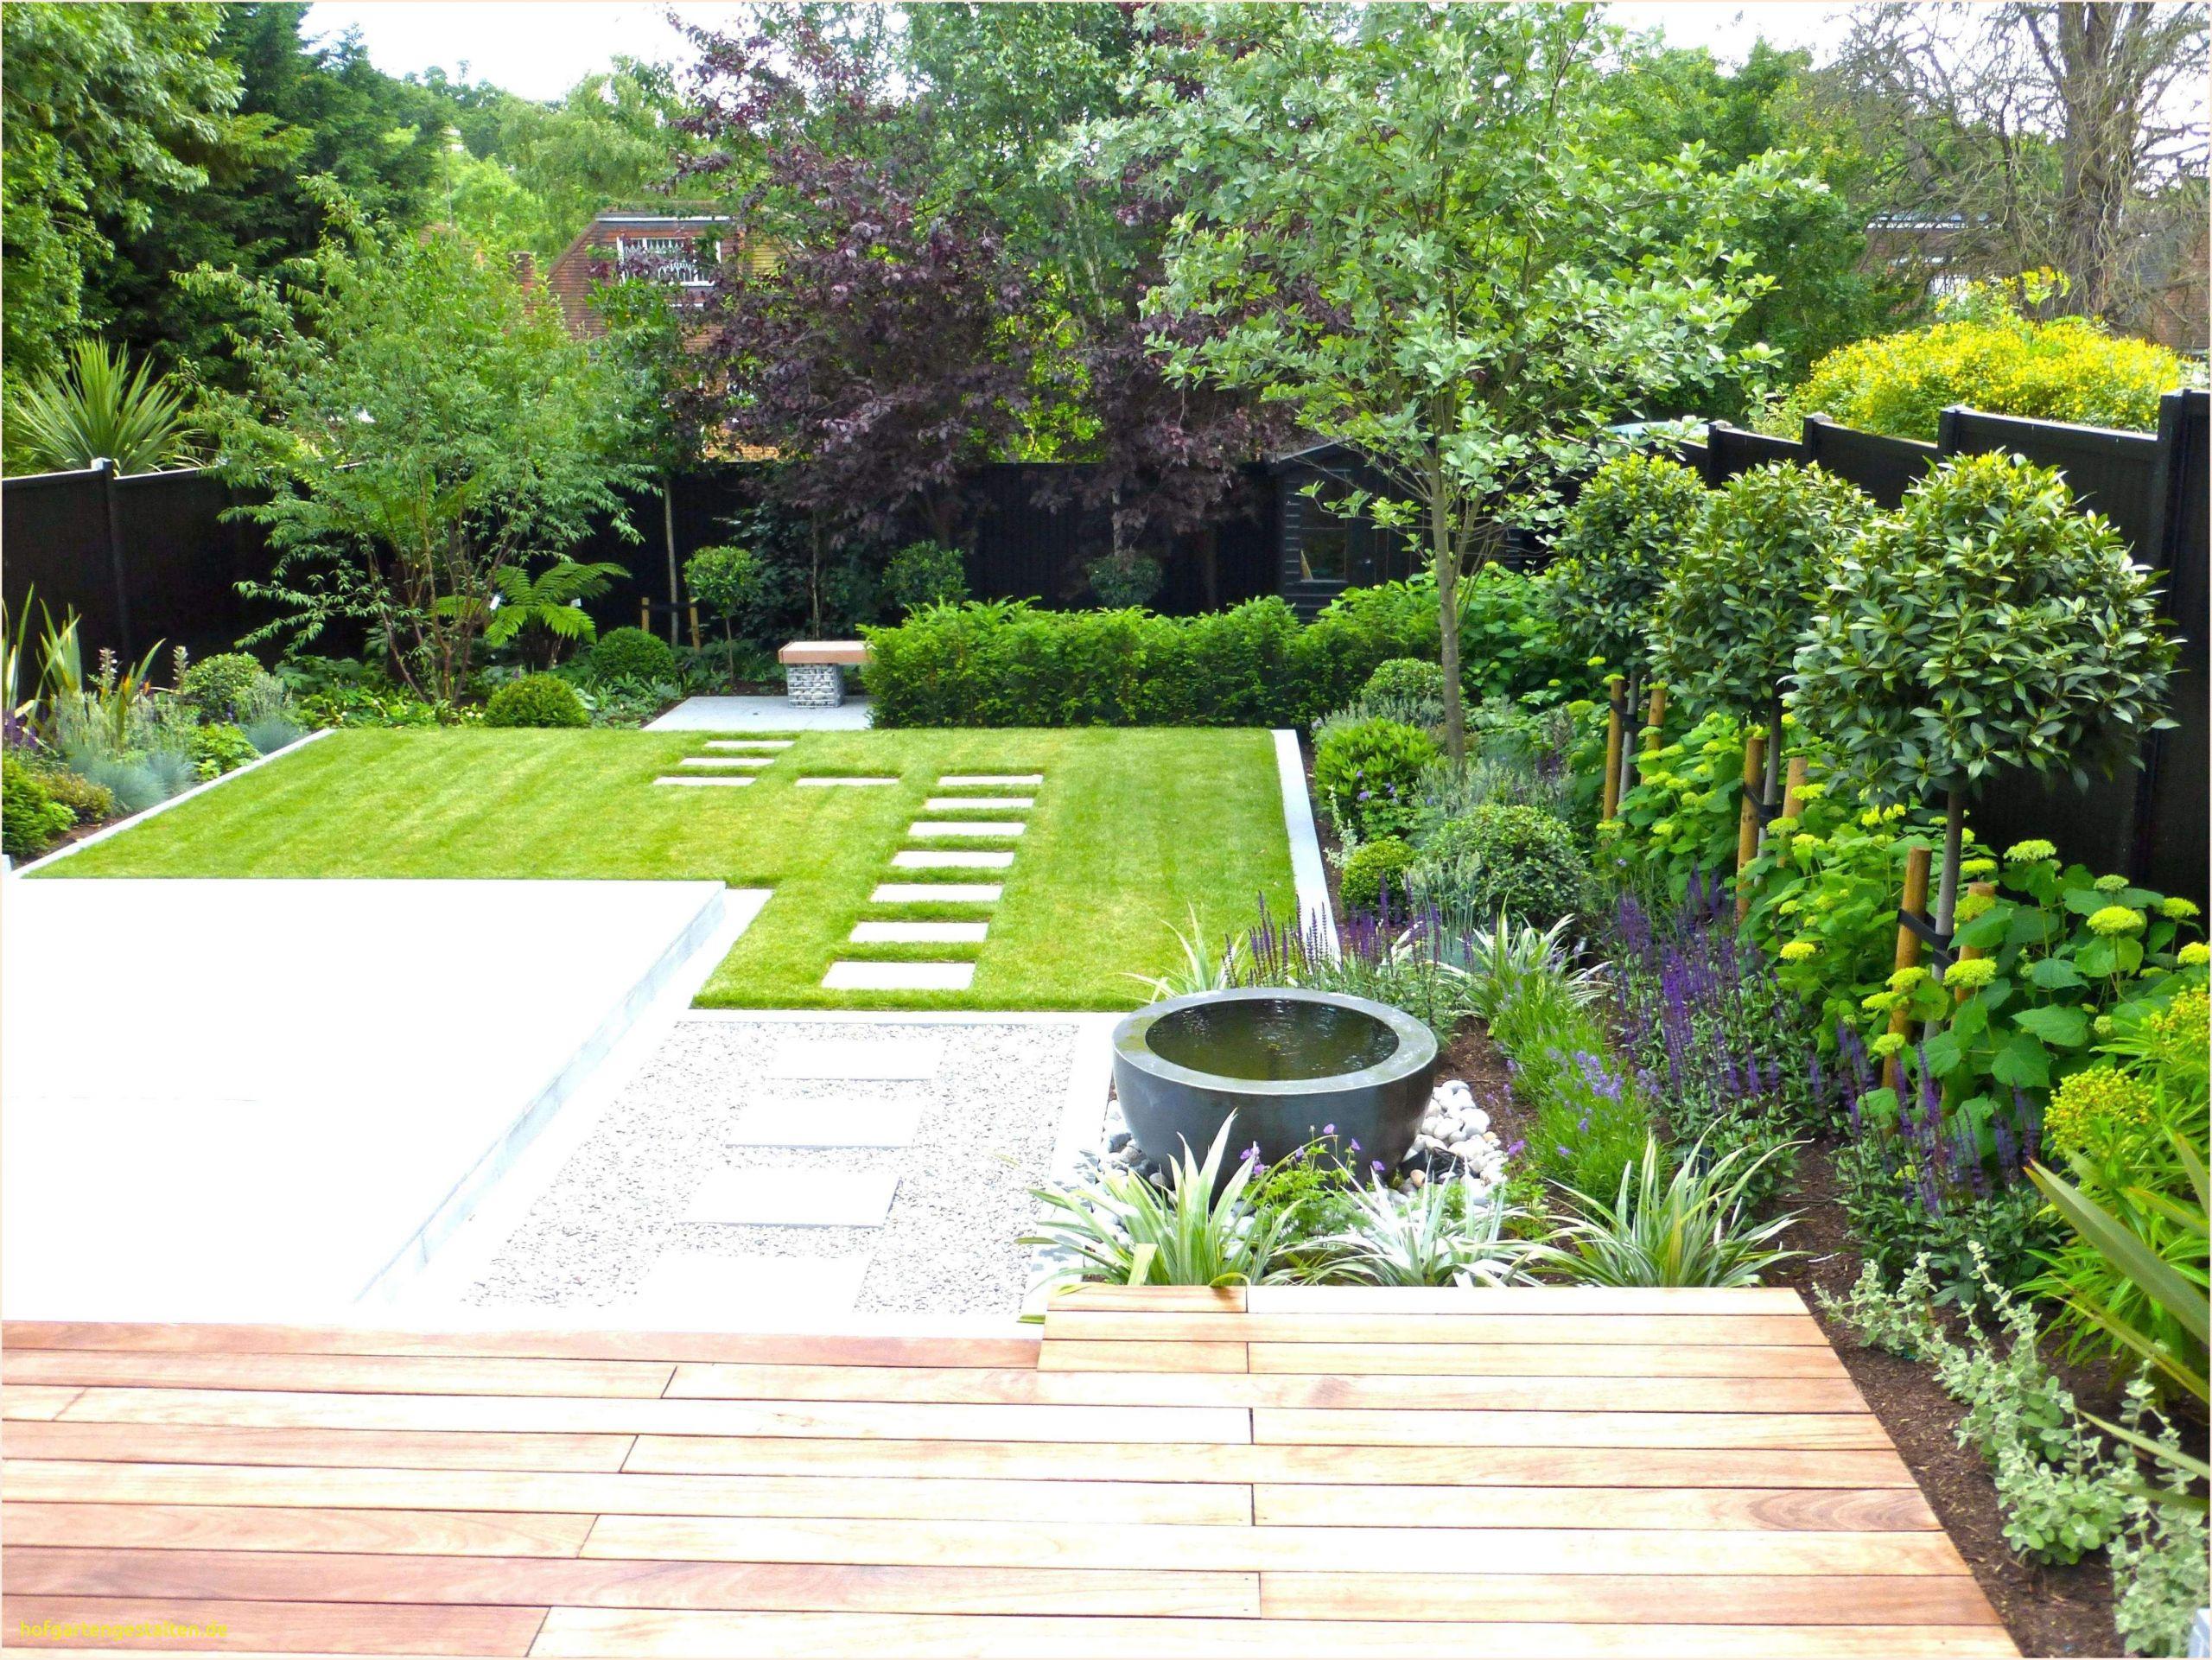 Beton Ideen Für Den Garten Neu Gartendeko Selbst Machen — Temobardz Home Blog